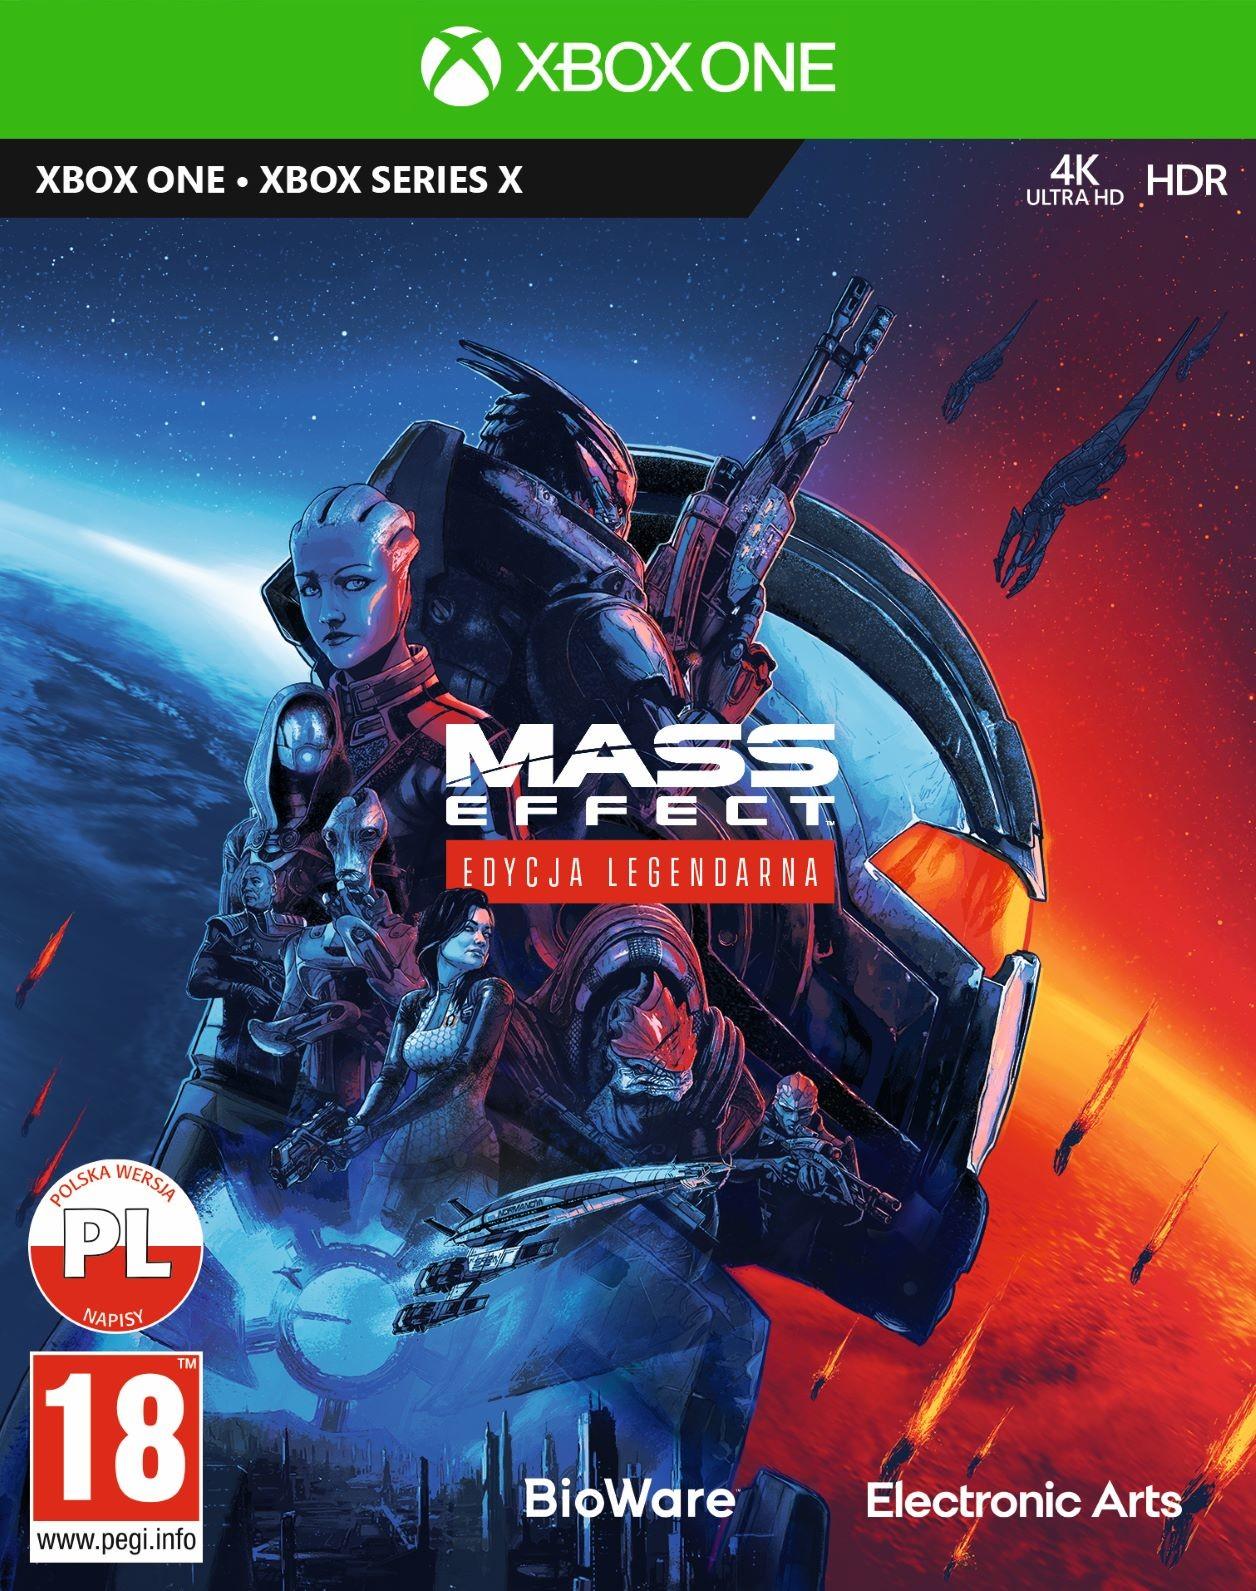 Mass Effect Edycja Legendarna (GRA XBOX ONE / XBOX SERIES X)